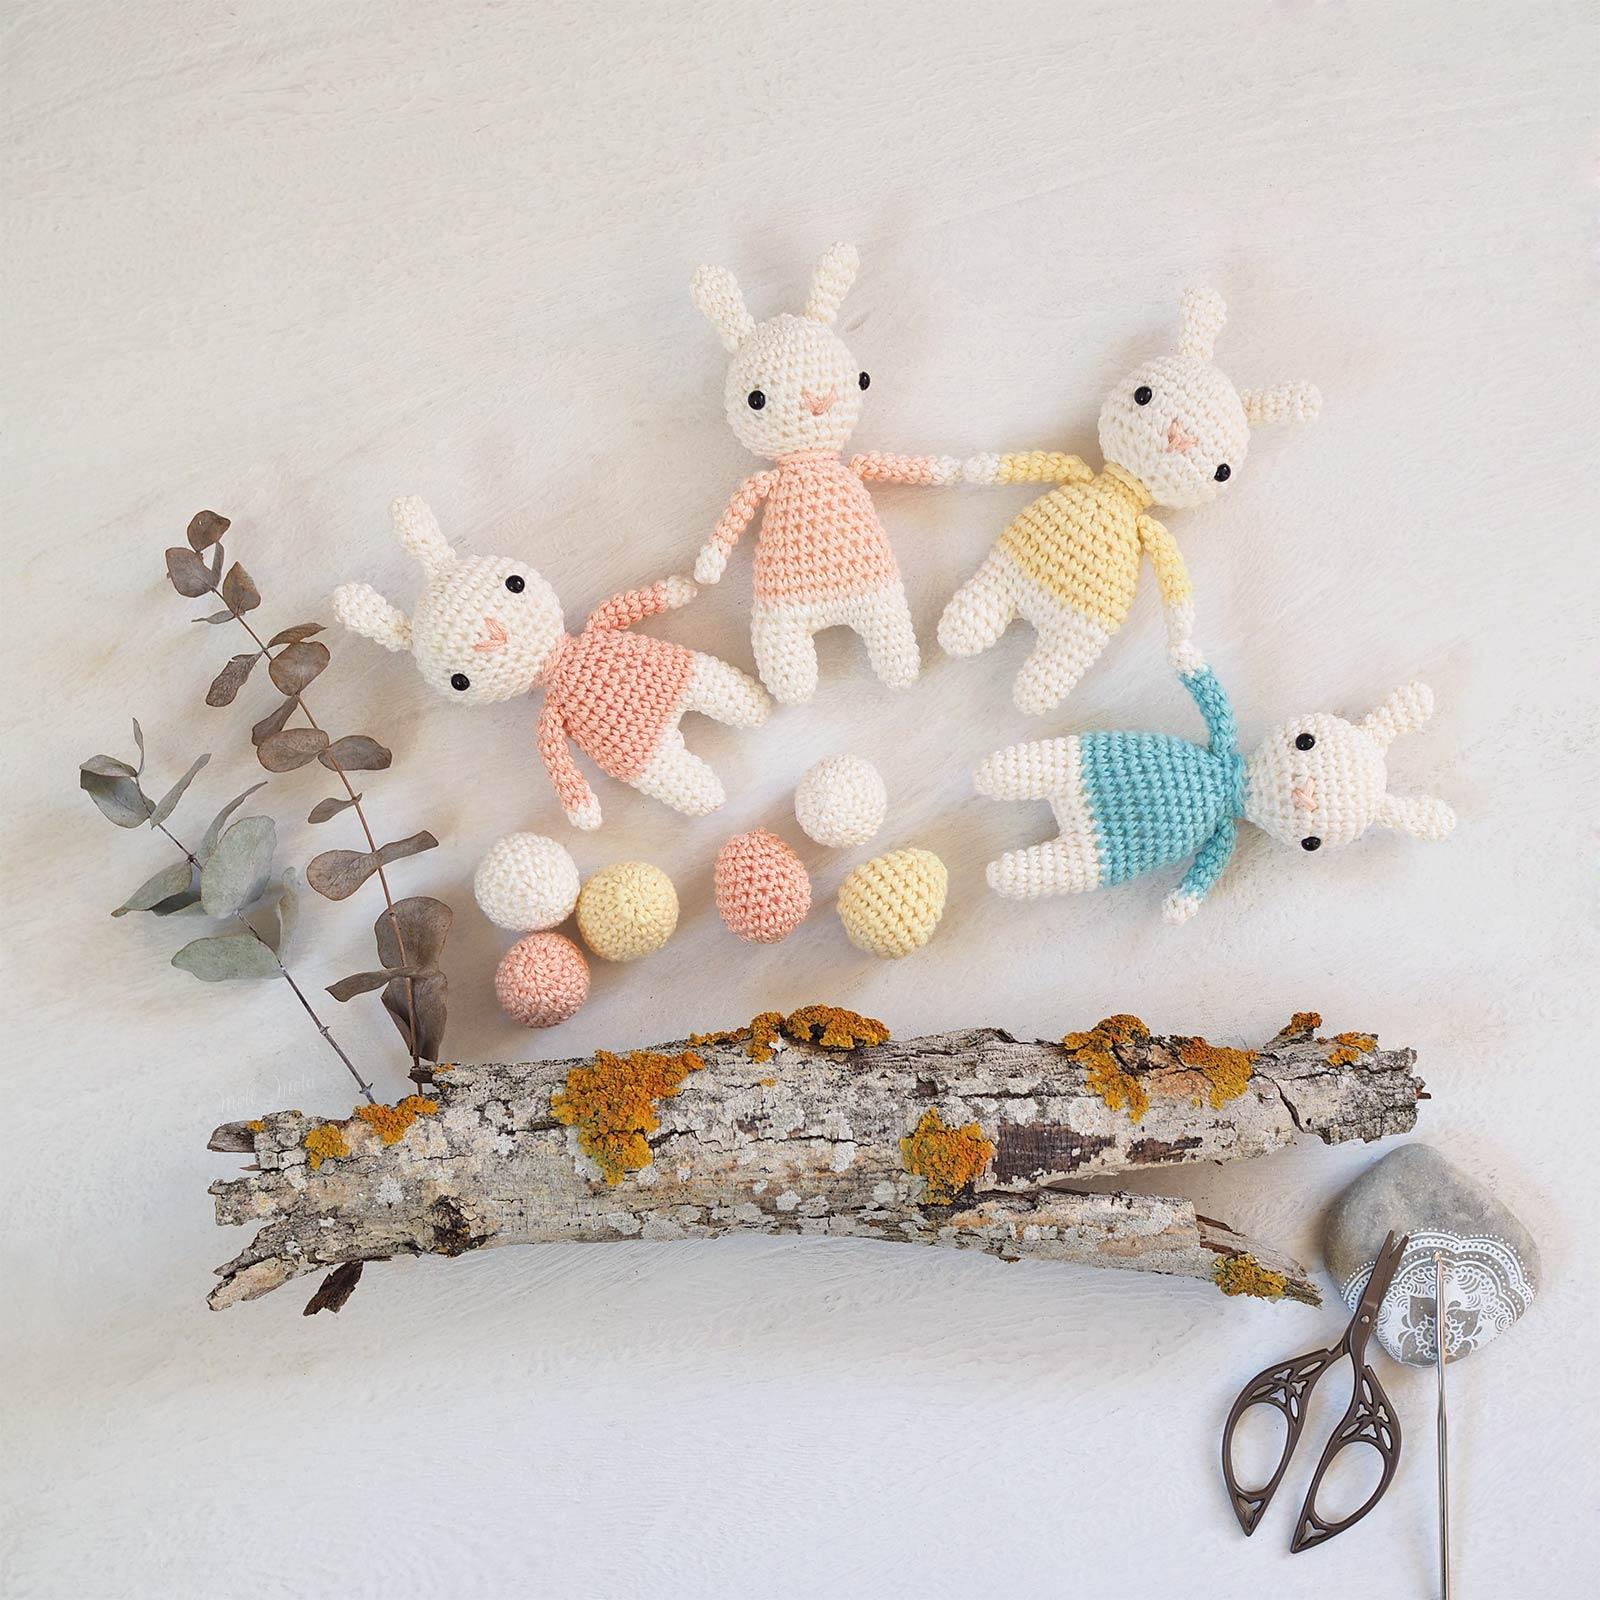 lapins oeufs couleurs pastel crochet printemps Pâques laboutiquedemelimelo